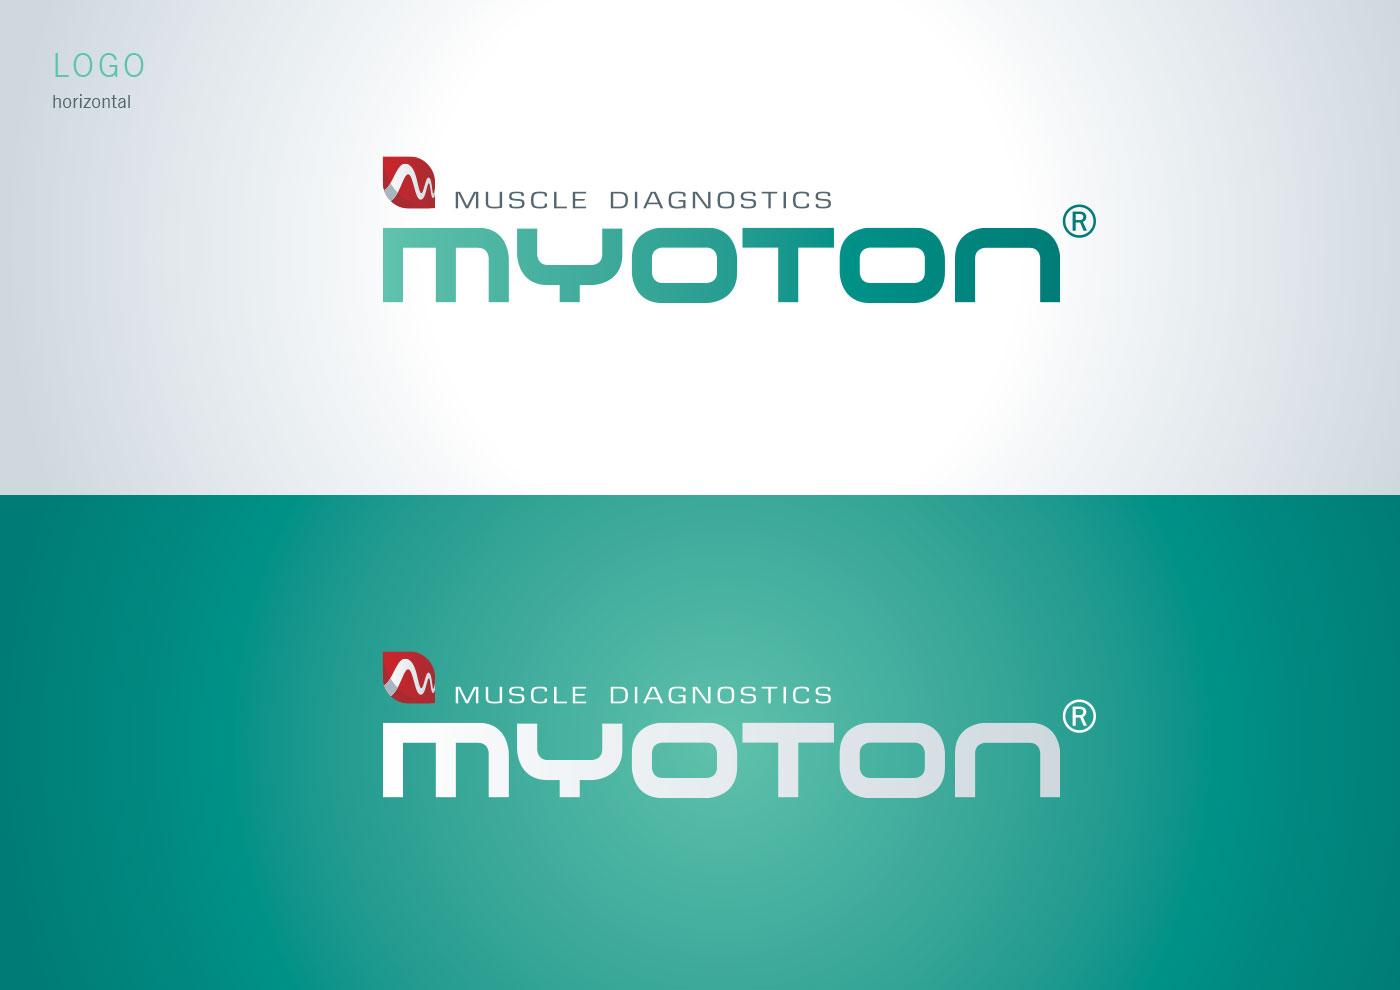 Myoton